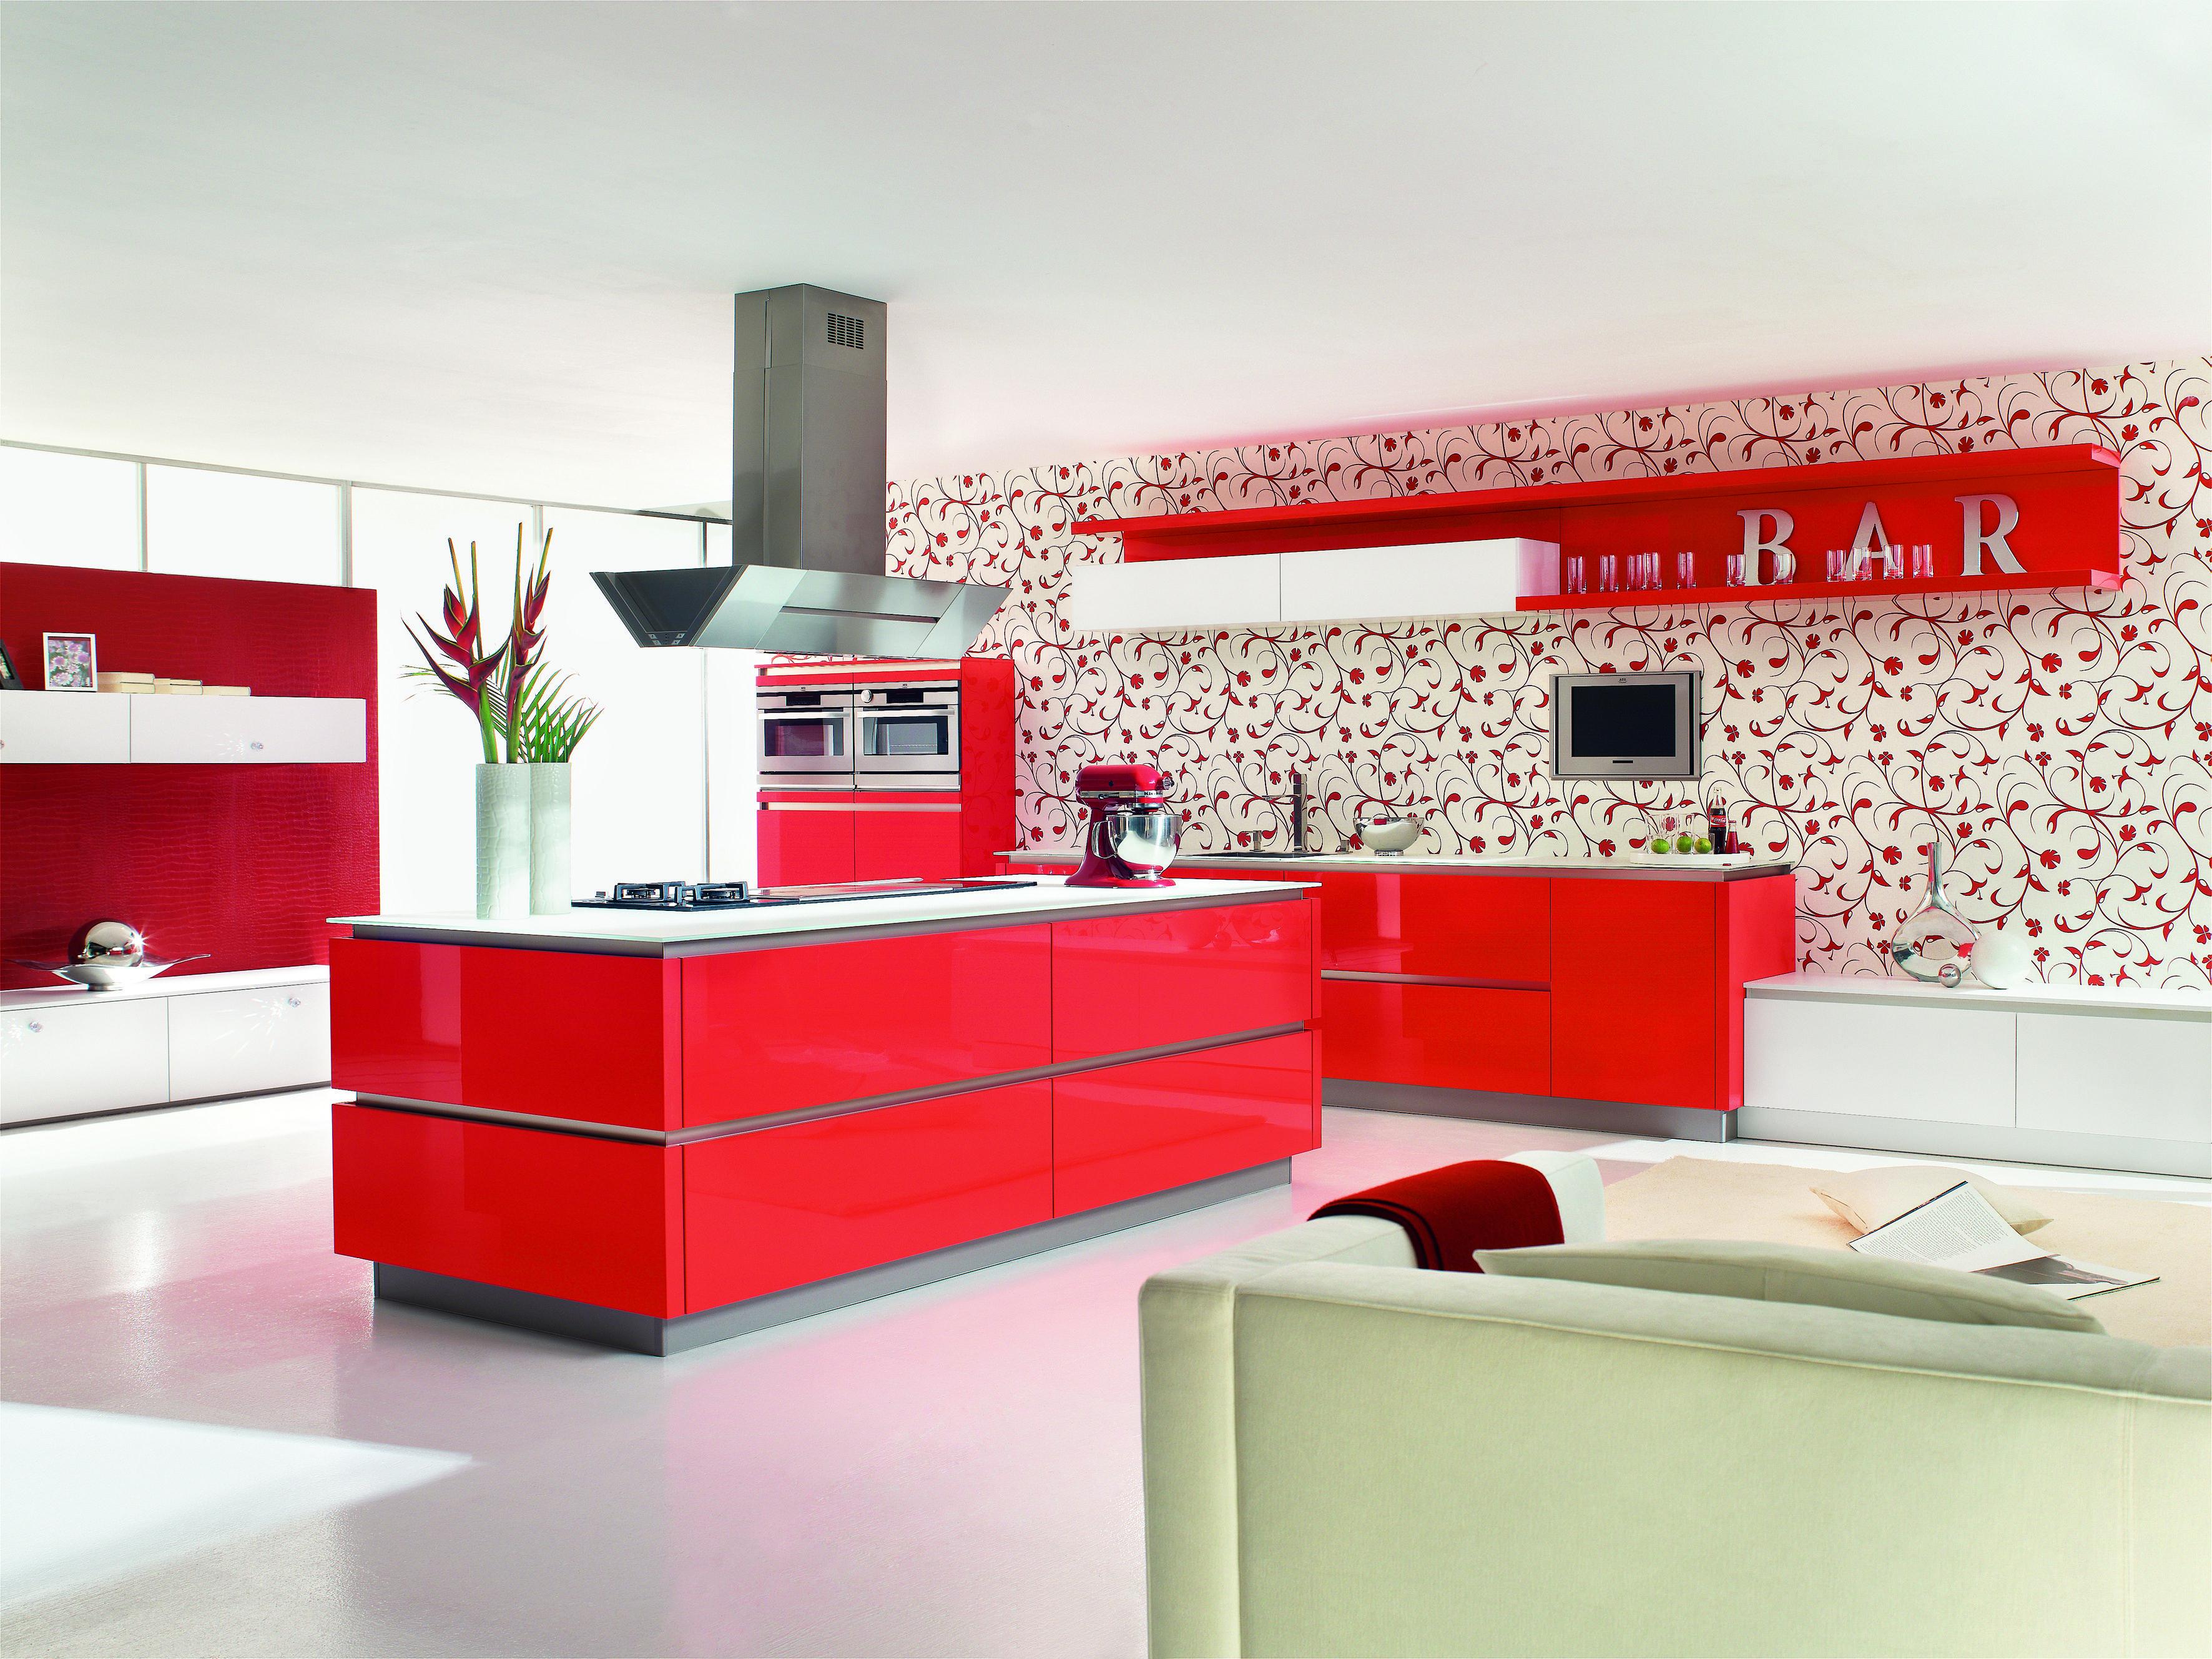 küchenplaner reddy abzukühlen bild oder dbbdefddfdce jpg